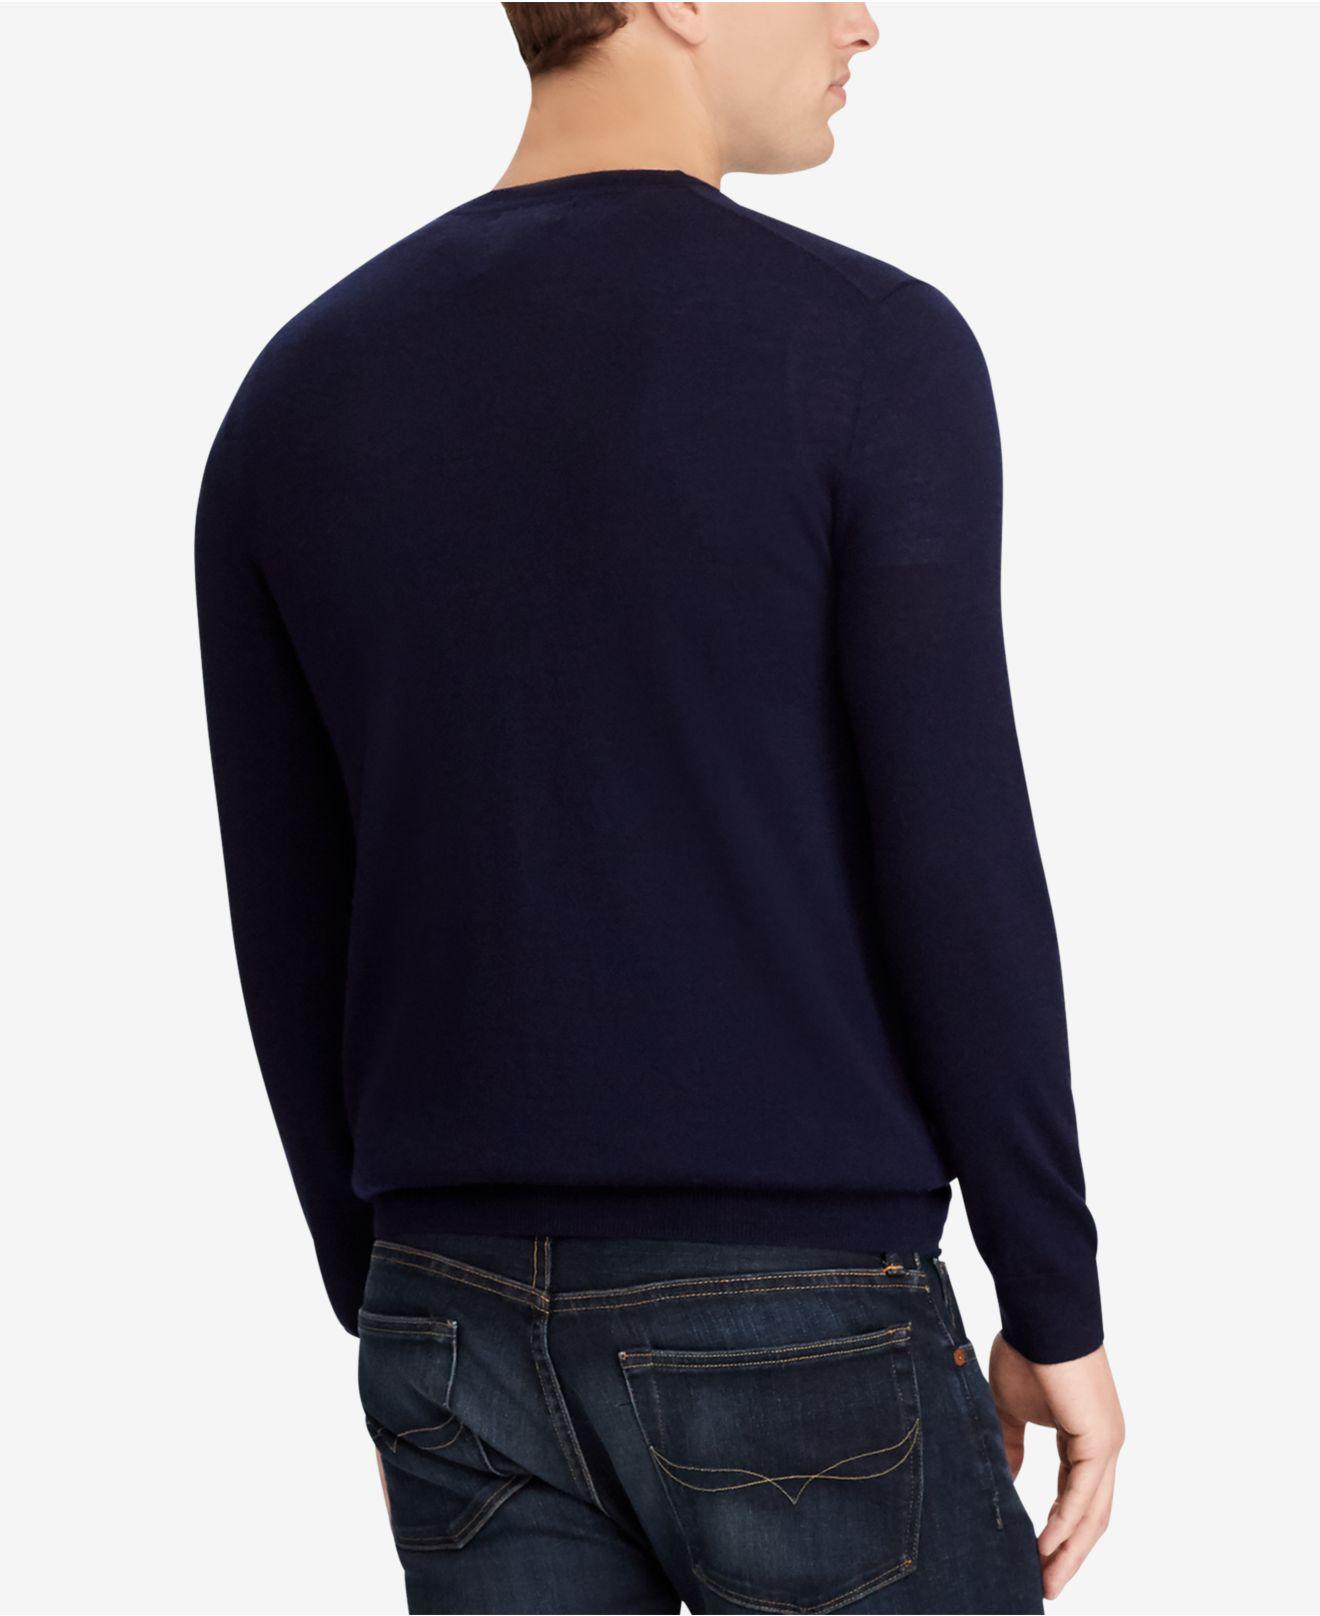 f428f789b12 ... australia lyst polo ralph lauren big tall merino wool sweater in blue  for men 521f1 d8dd8